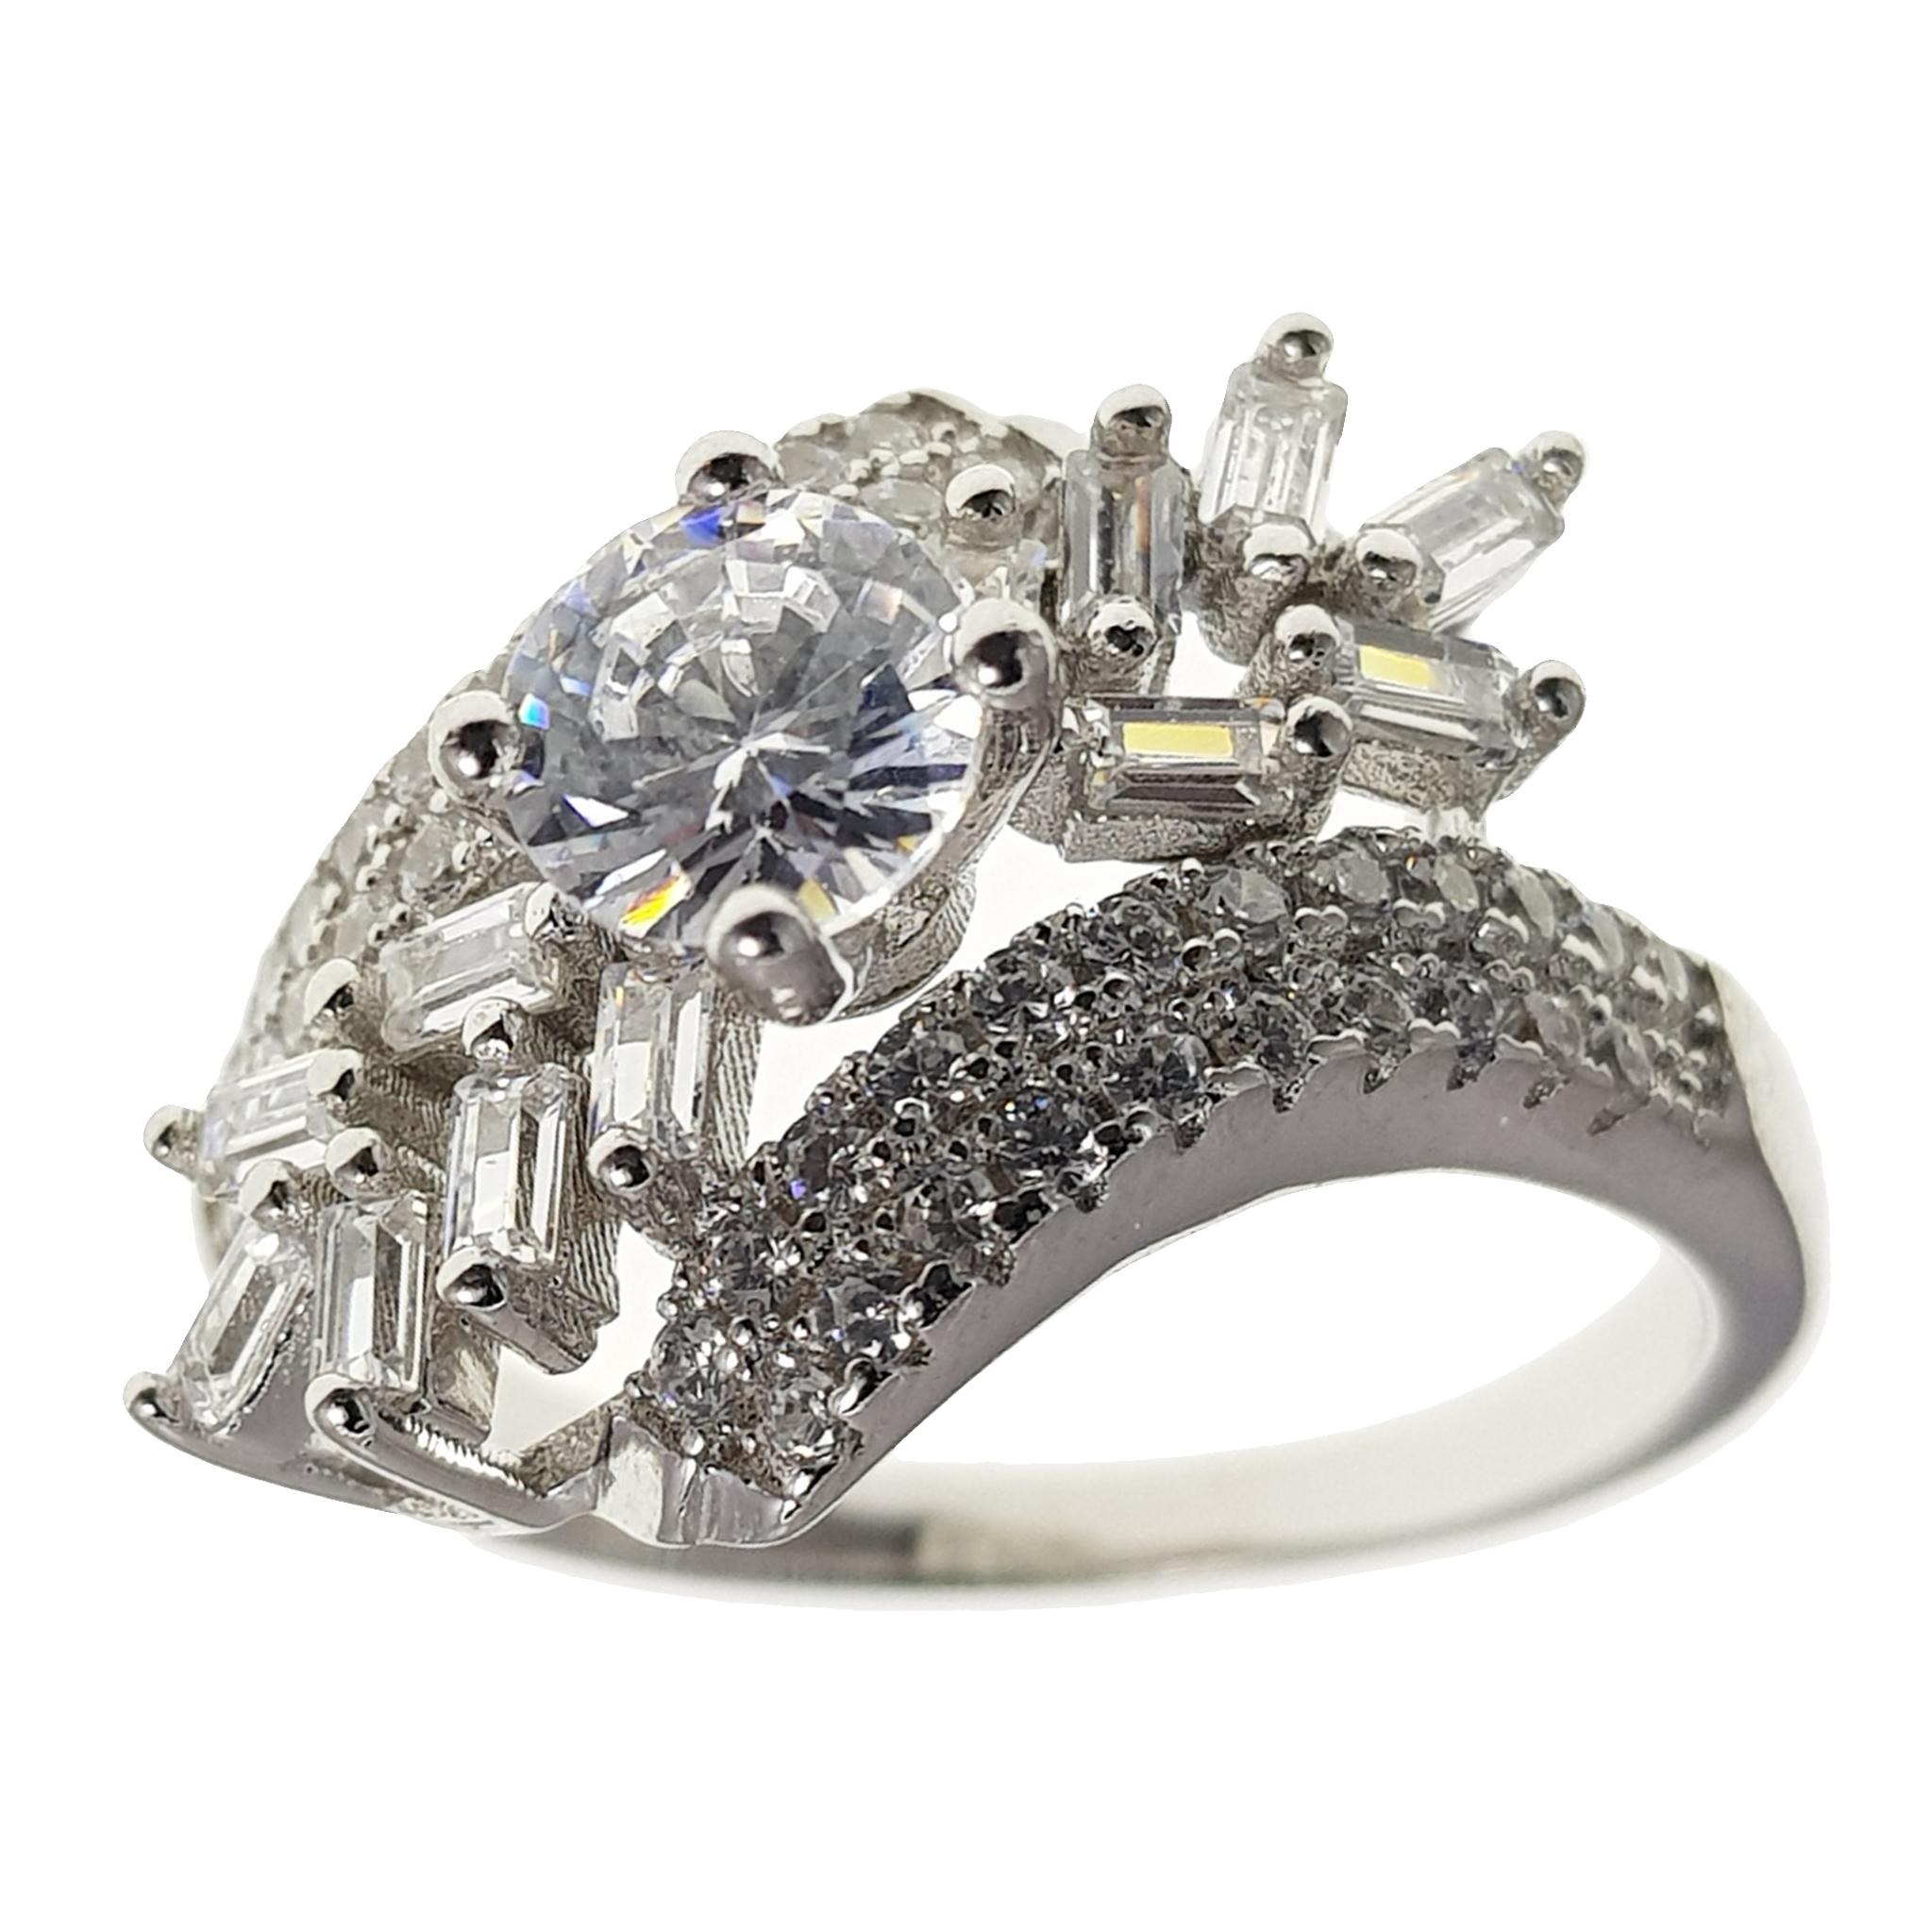 انگشتر نقره زنانه,انگشتر نقره زنانه سلین کالا